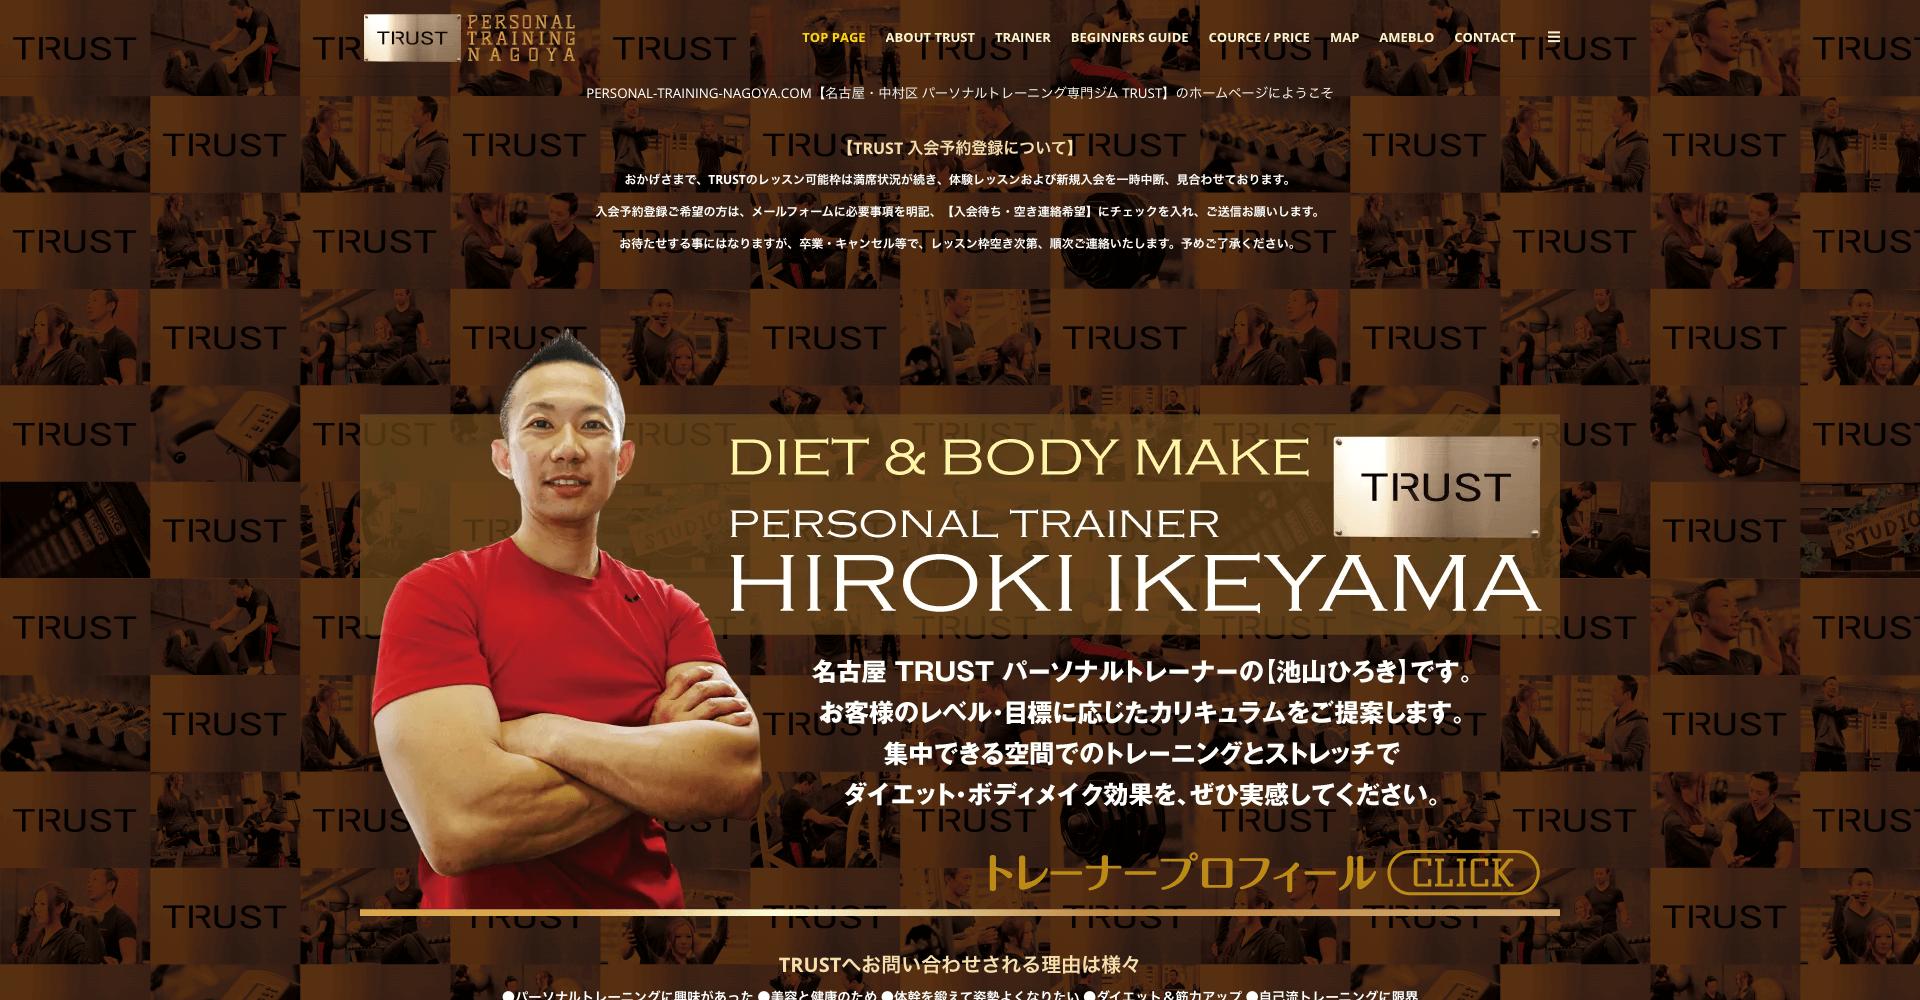 【TRUST】パーソナルトレーニング専門ジム 名古屋 中村区